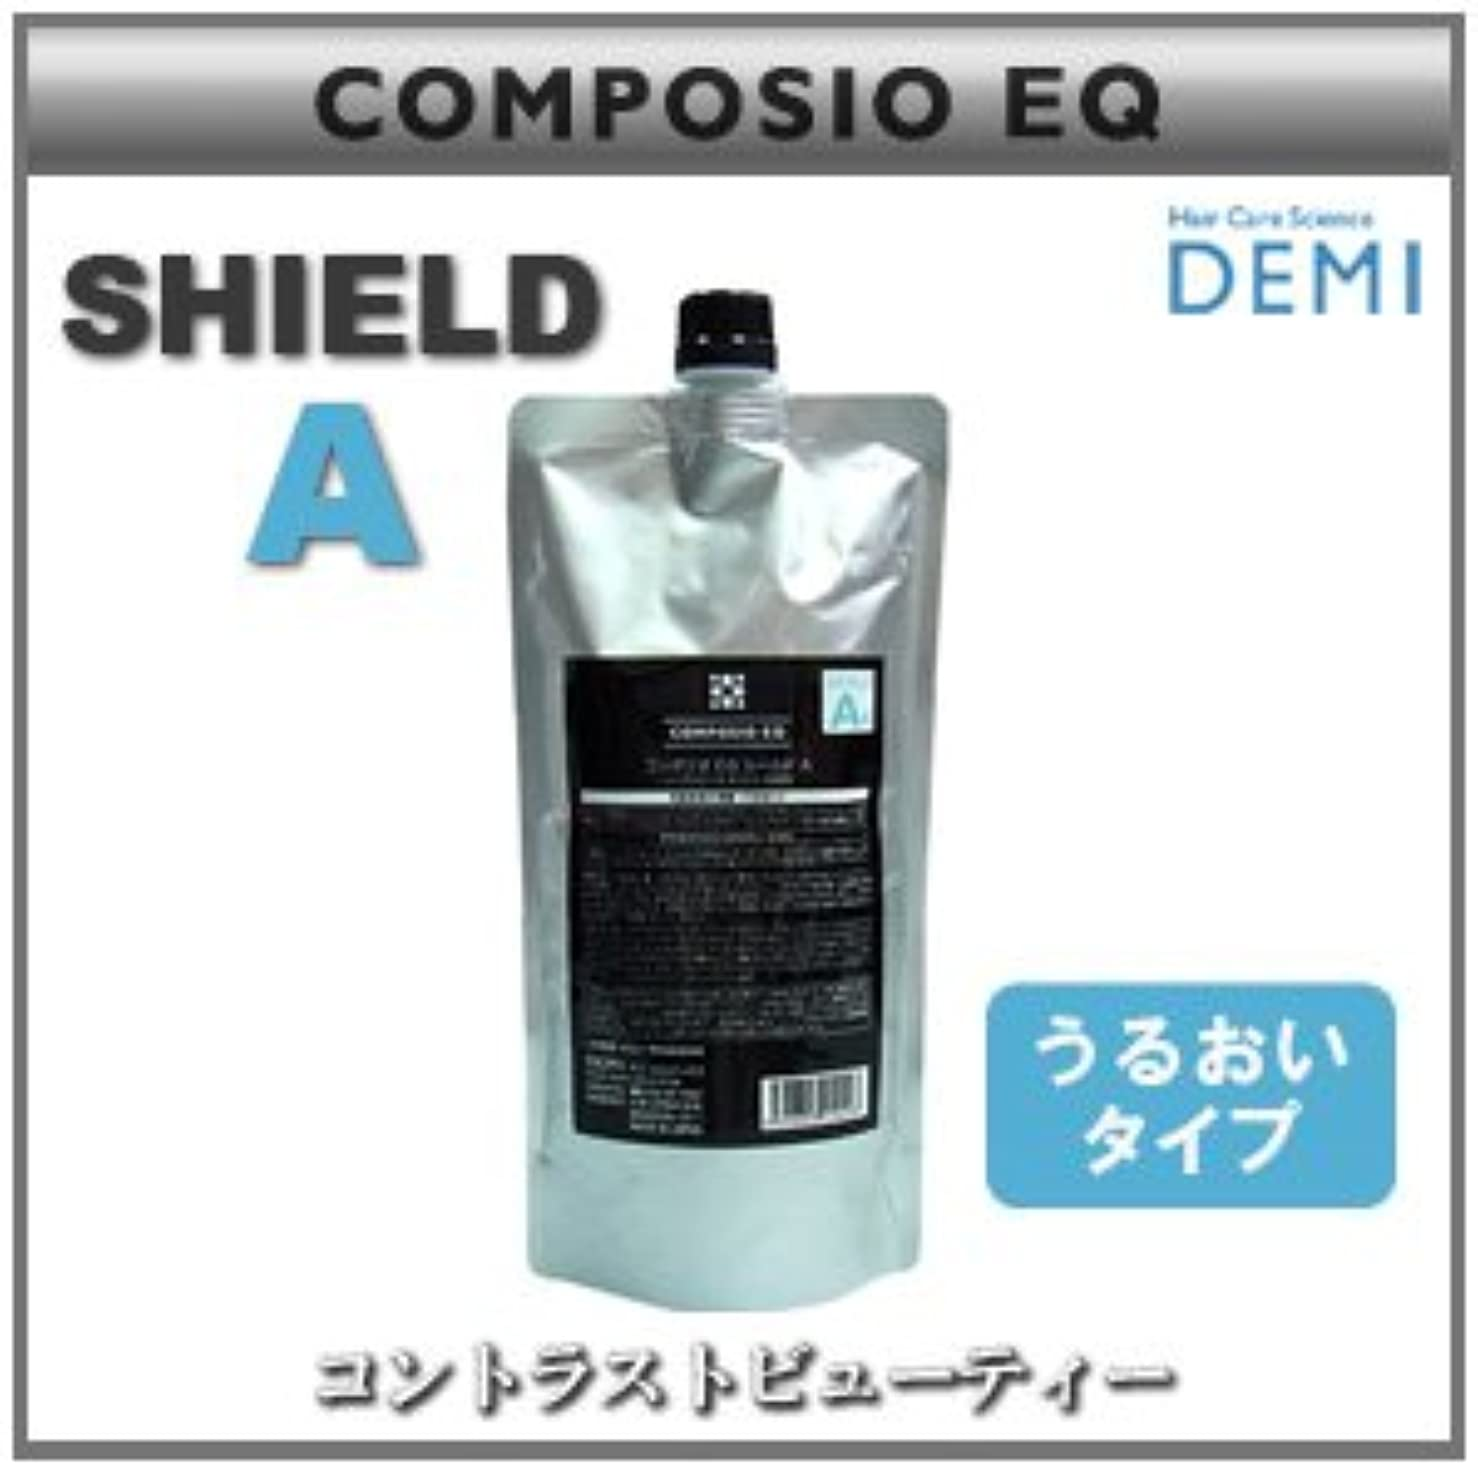 怒る組み合わせ髄【X2個セット】 デミ コンポジオ EQ シールド A 450g